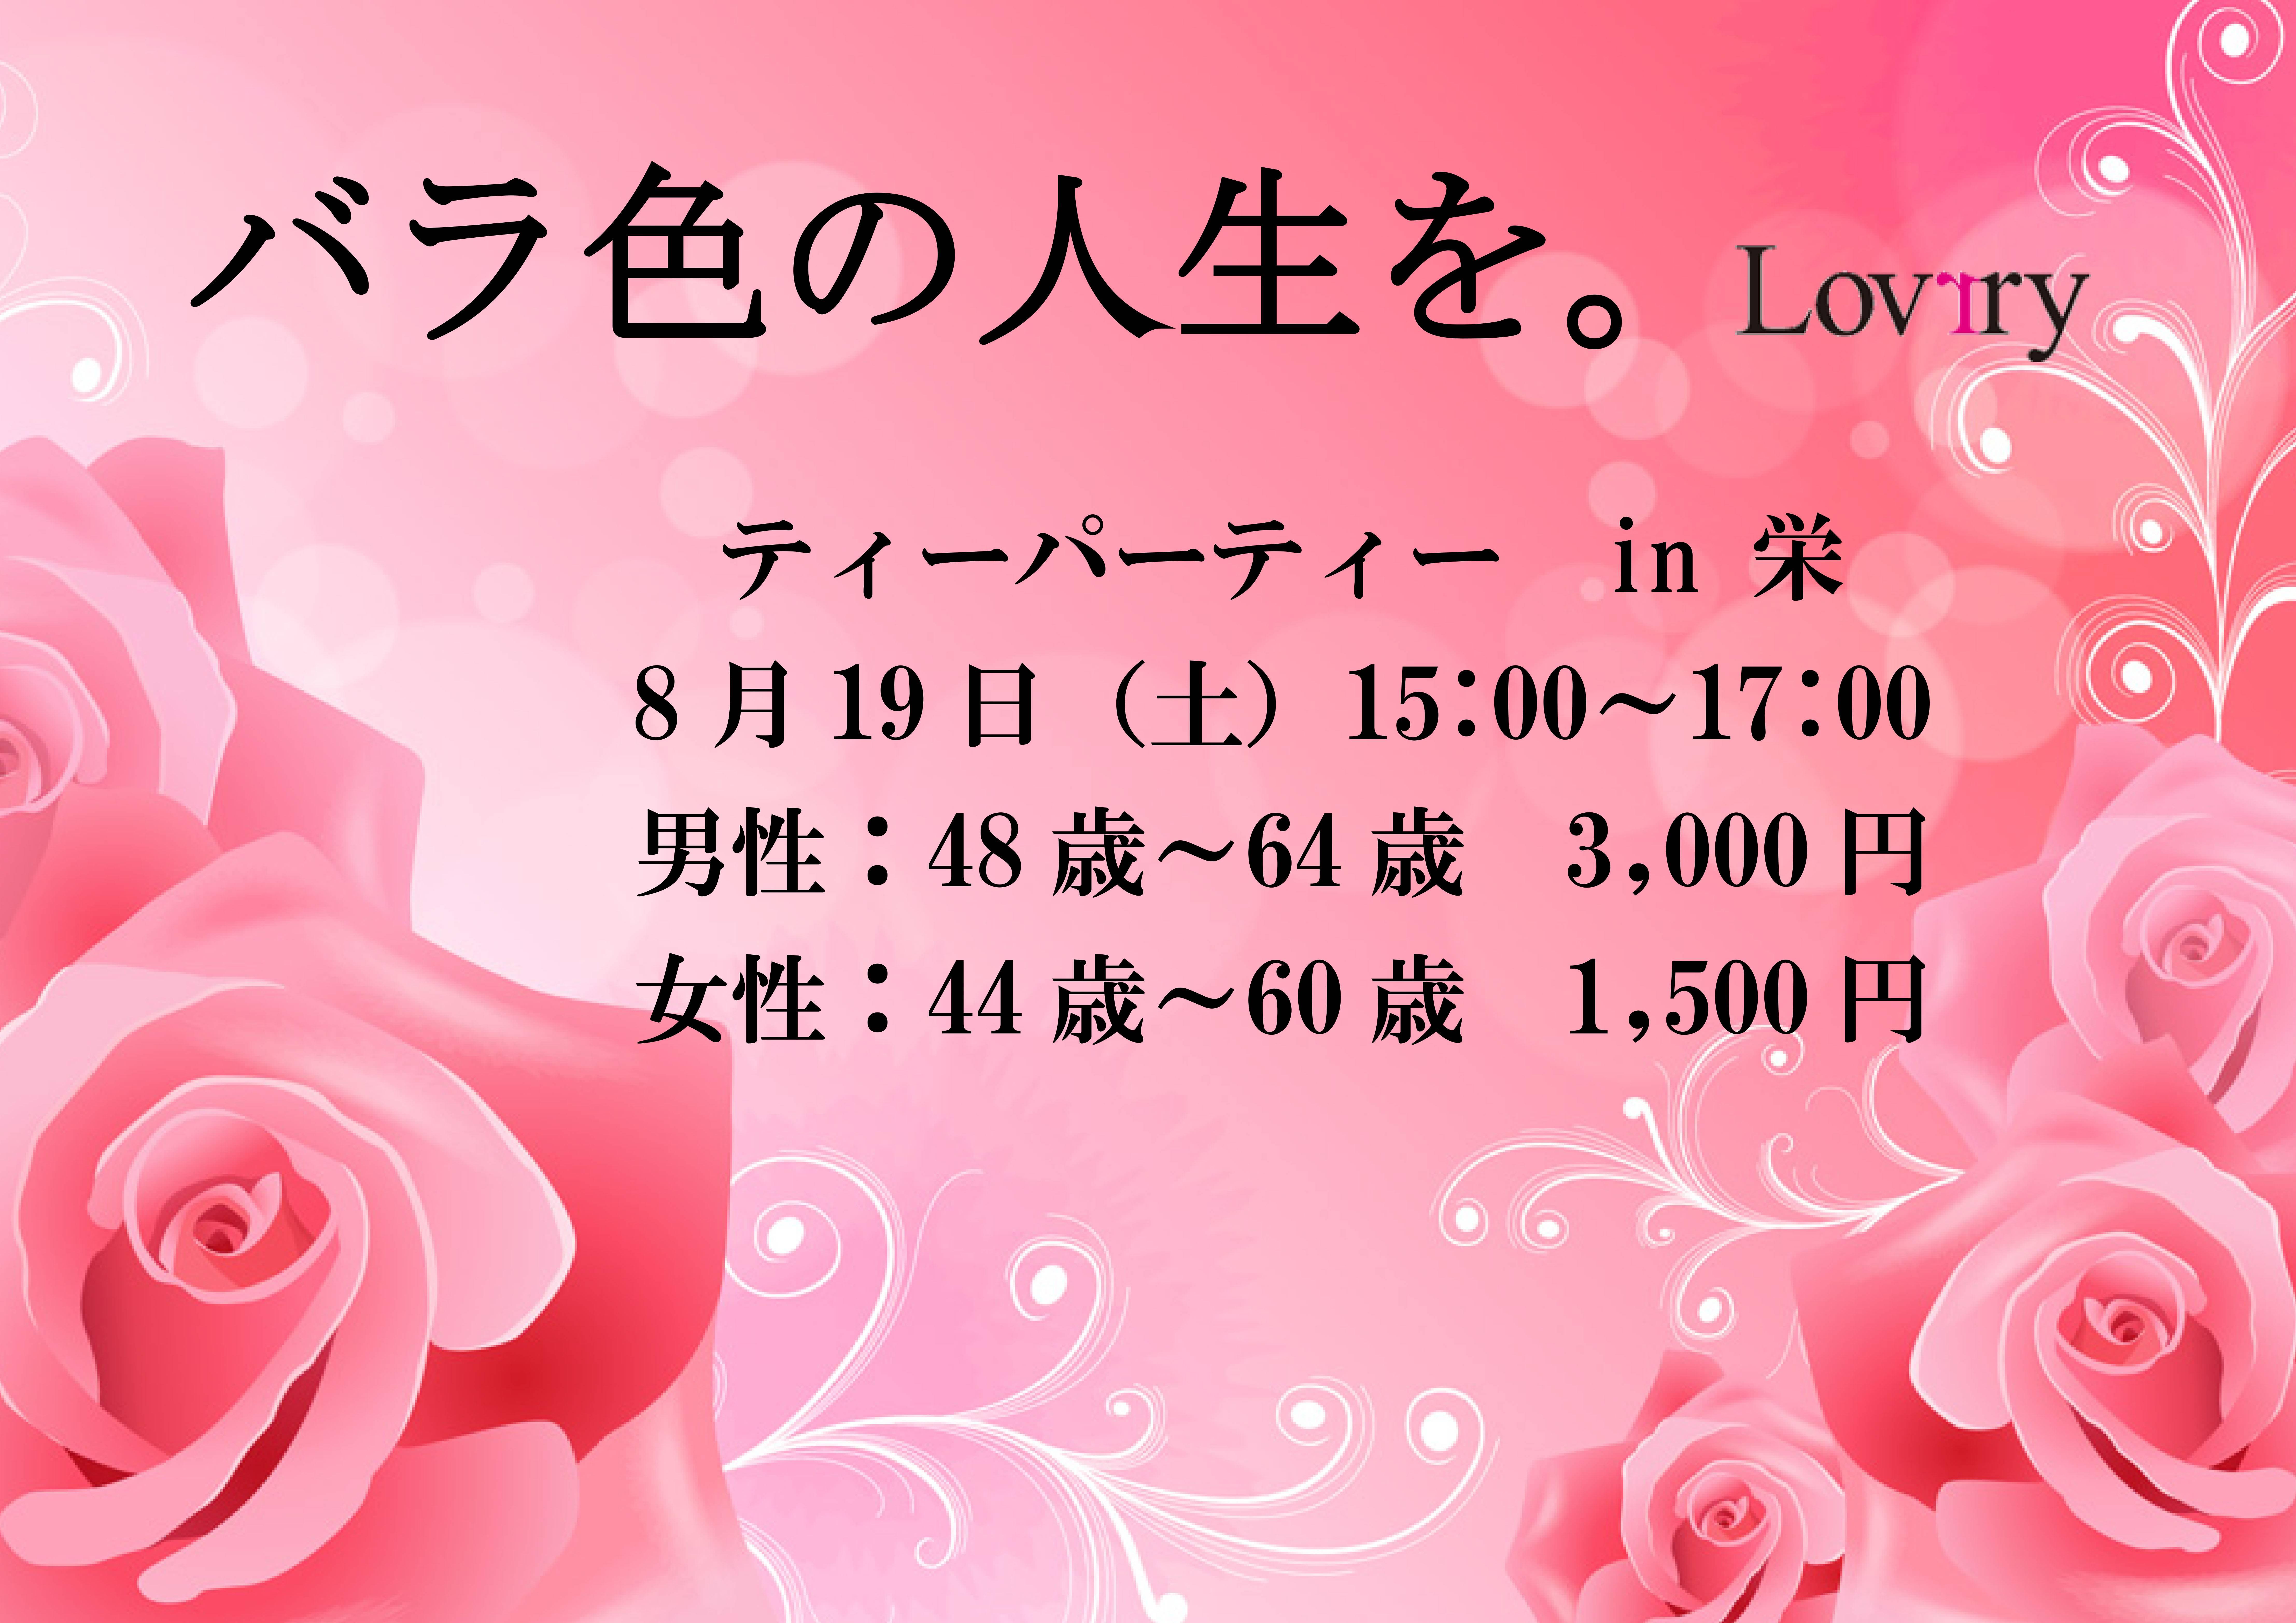 【栄の婚活パーティー・お見合いパーティー】lovrry主催 2017年8月19日